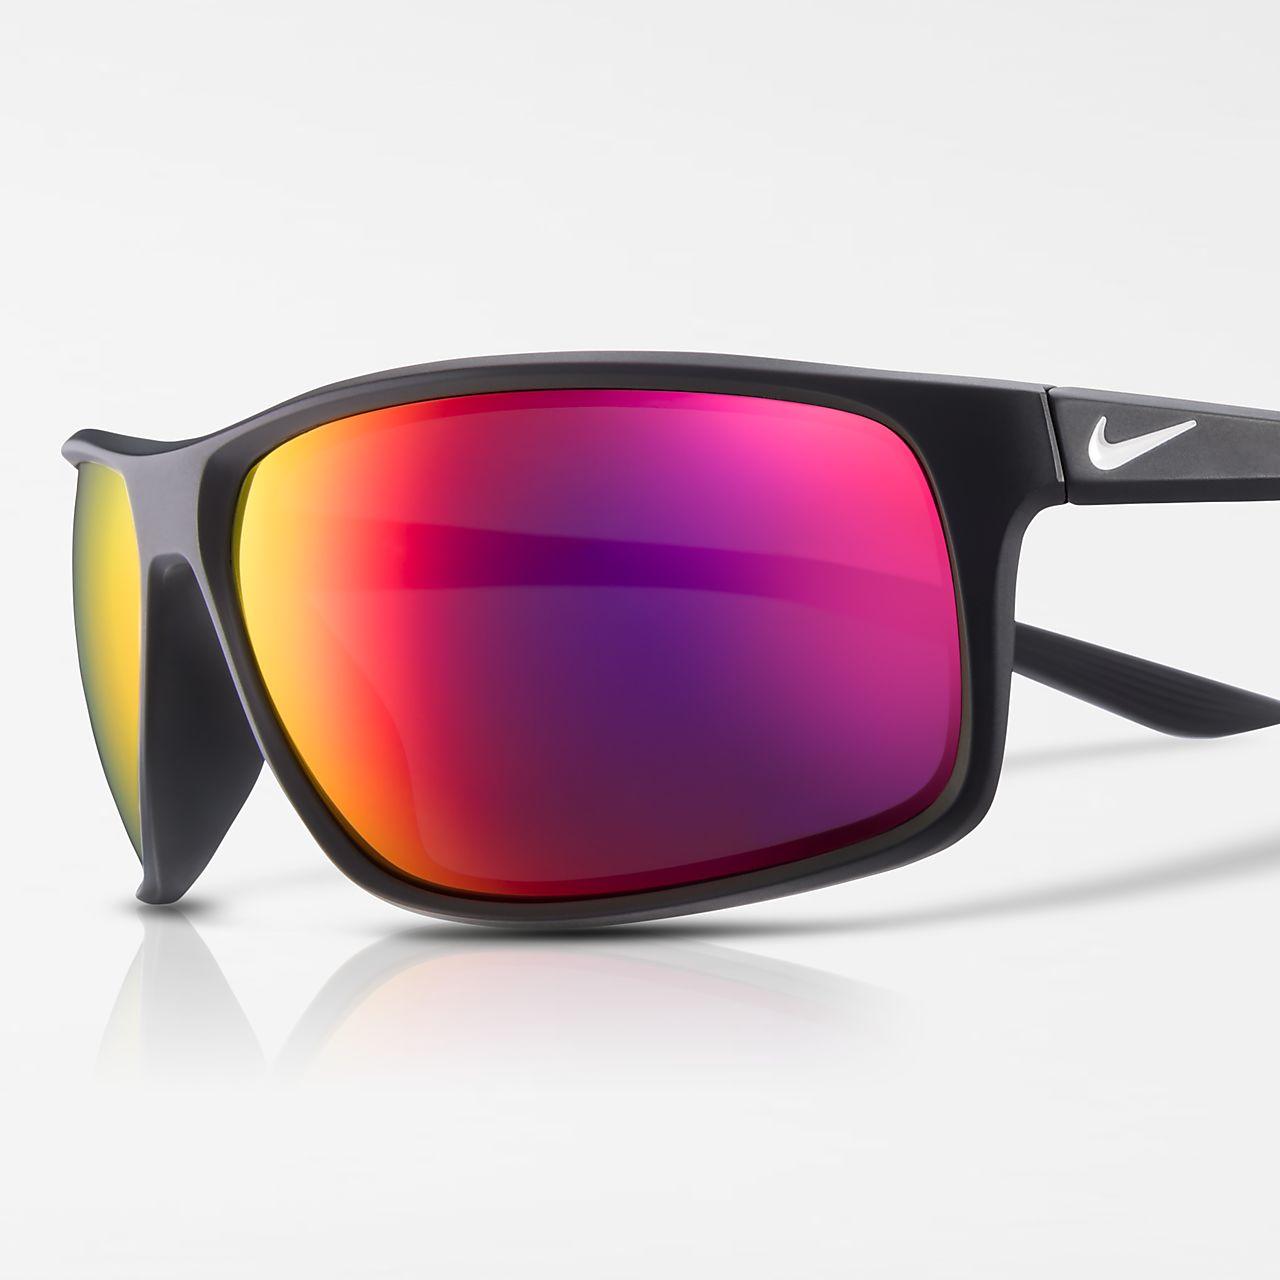 ac6331e83e95 Nike Adrenaline Sunglasses. Nike.com DK